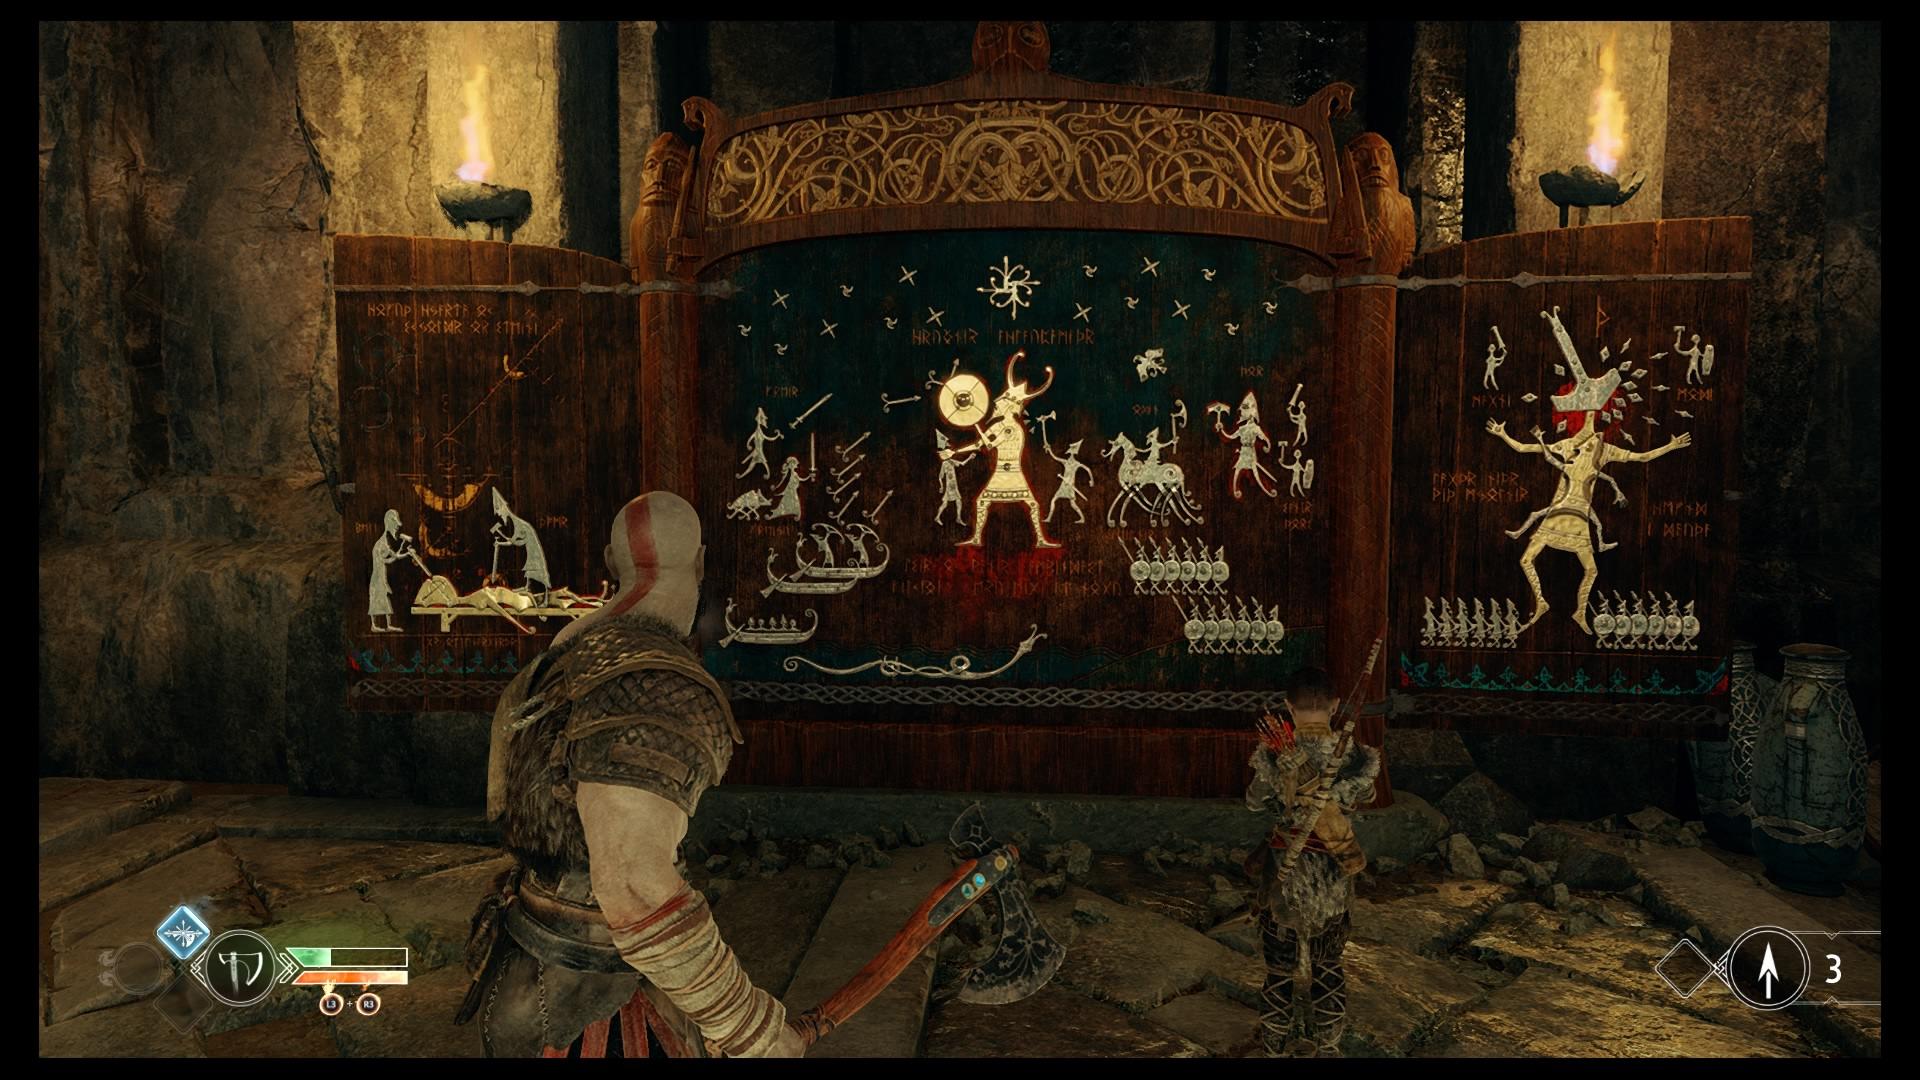 Kratos e Atreus de frente a um quadro.